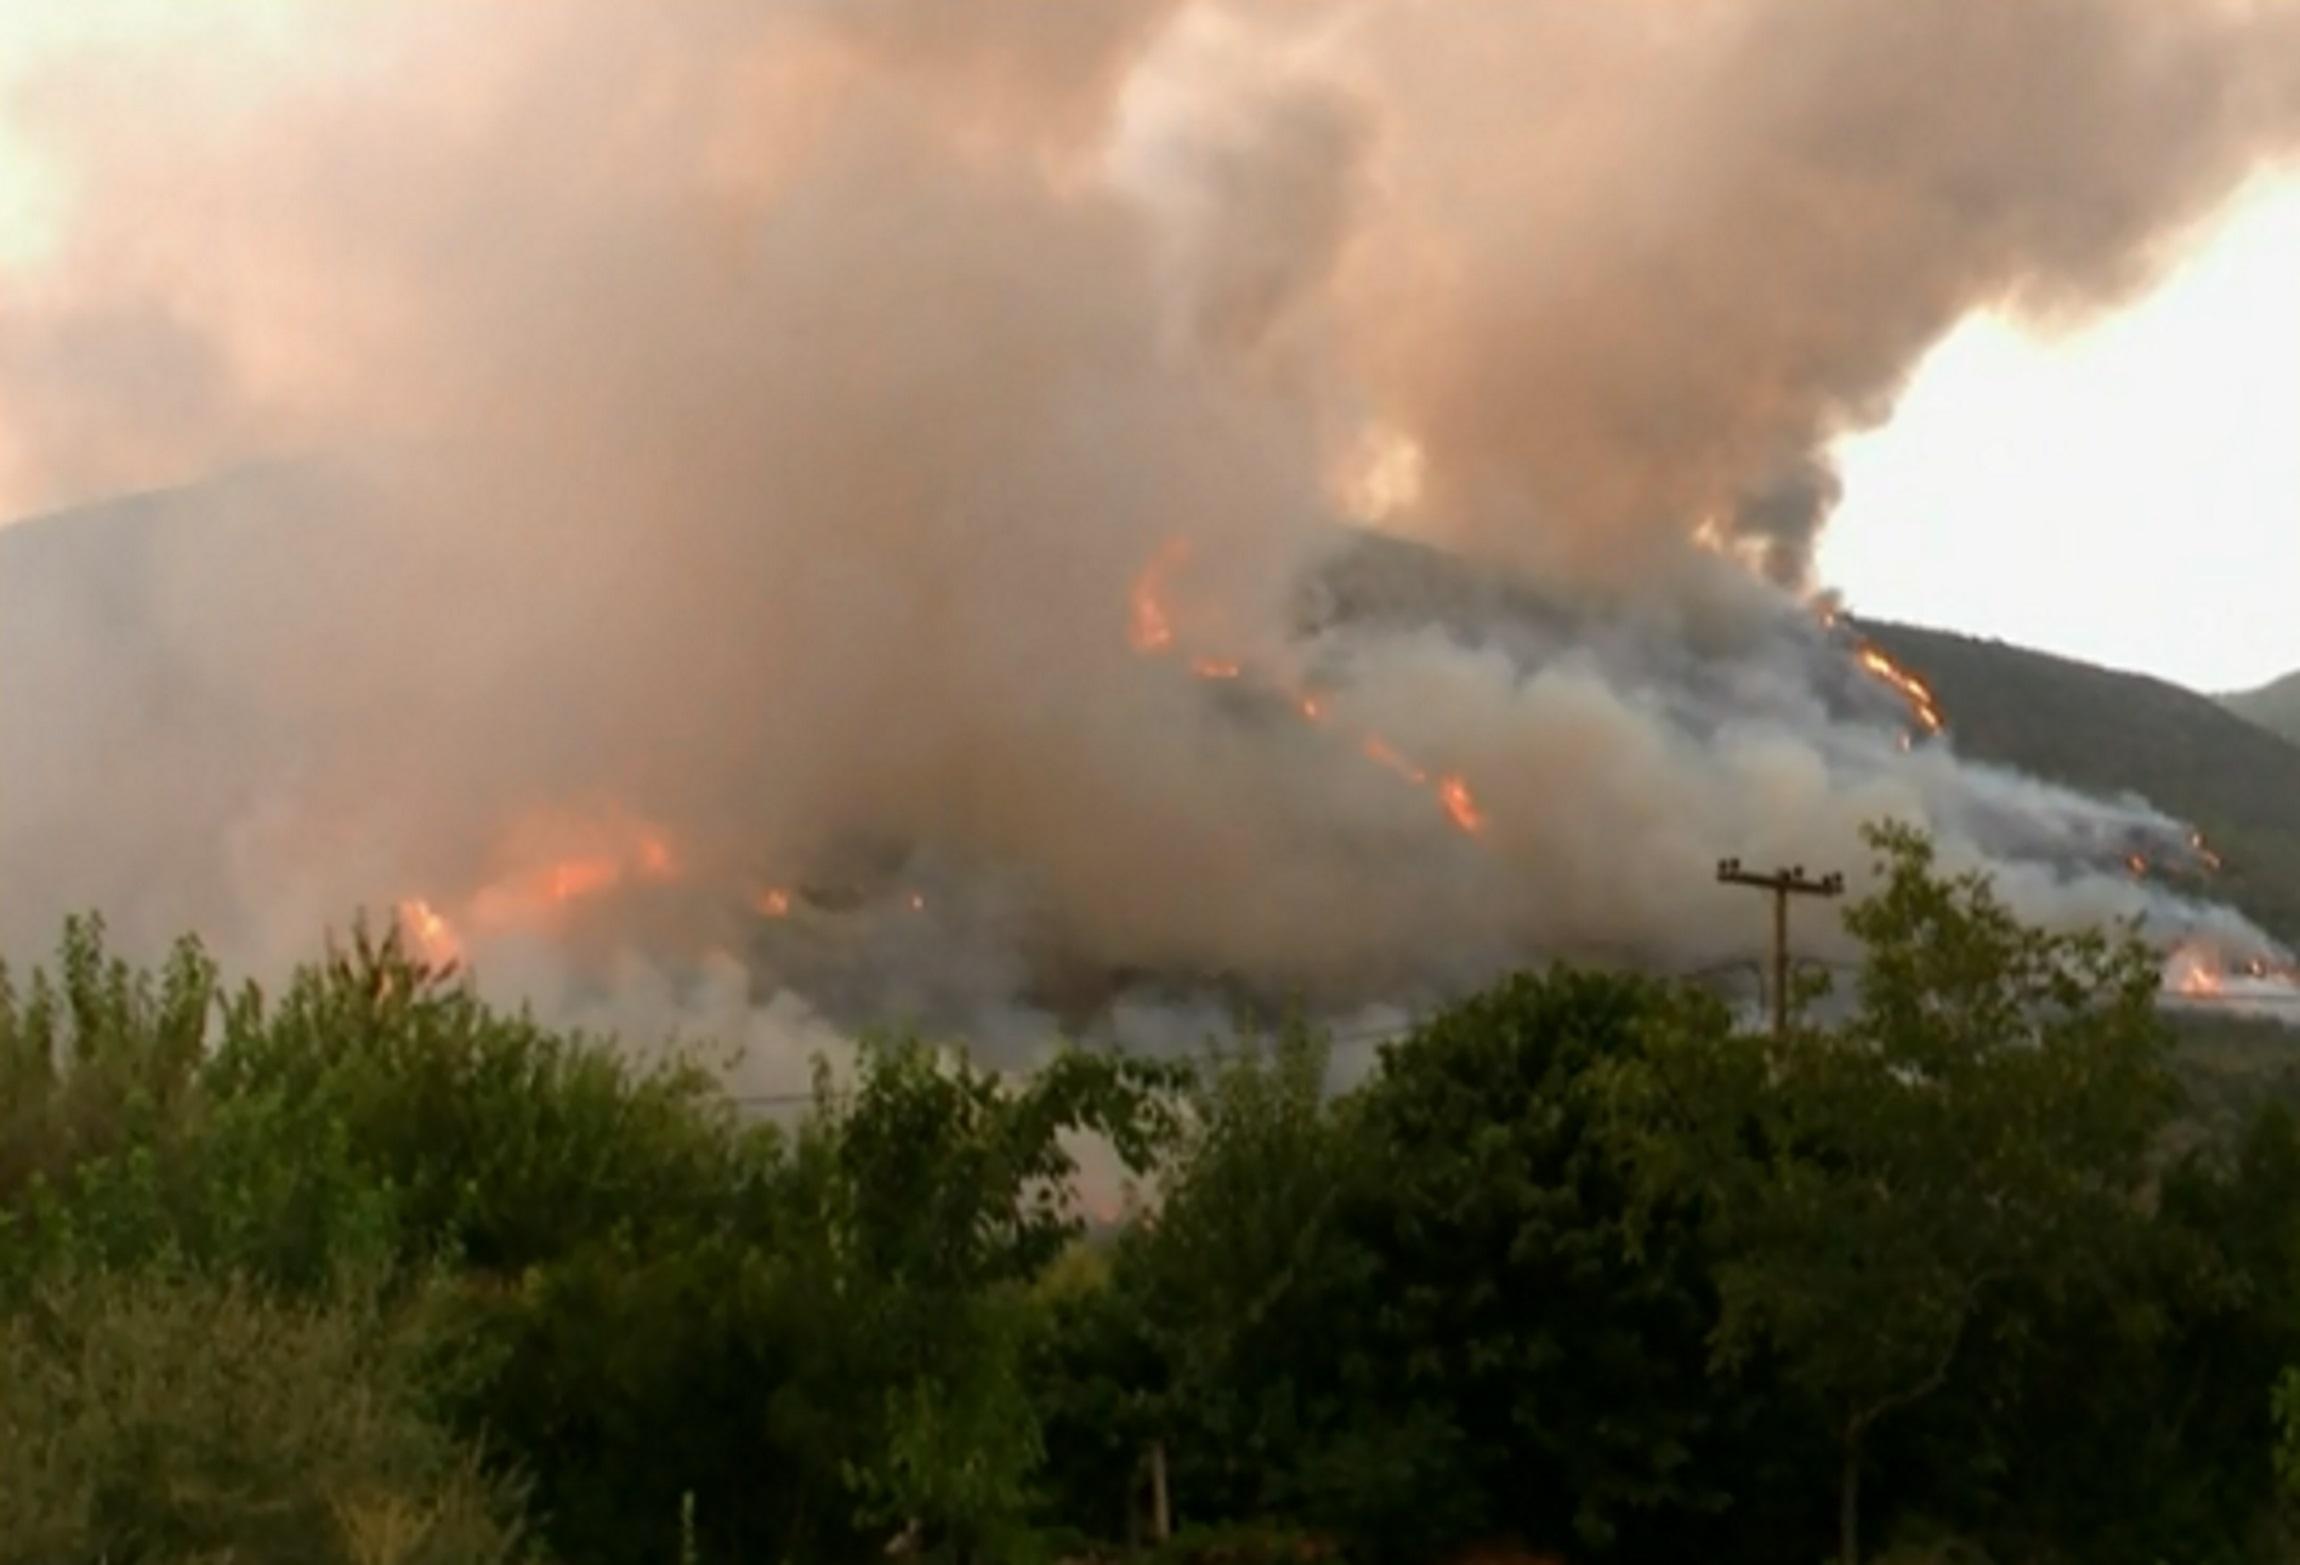 Και στη Μεσσηνία εκκενώνονται περιοχές λόγω της μεγάλης φωτιάς